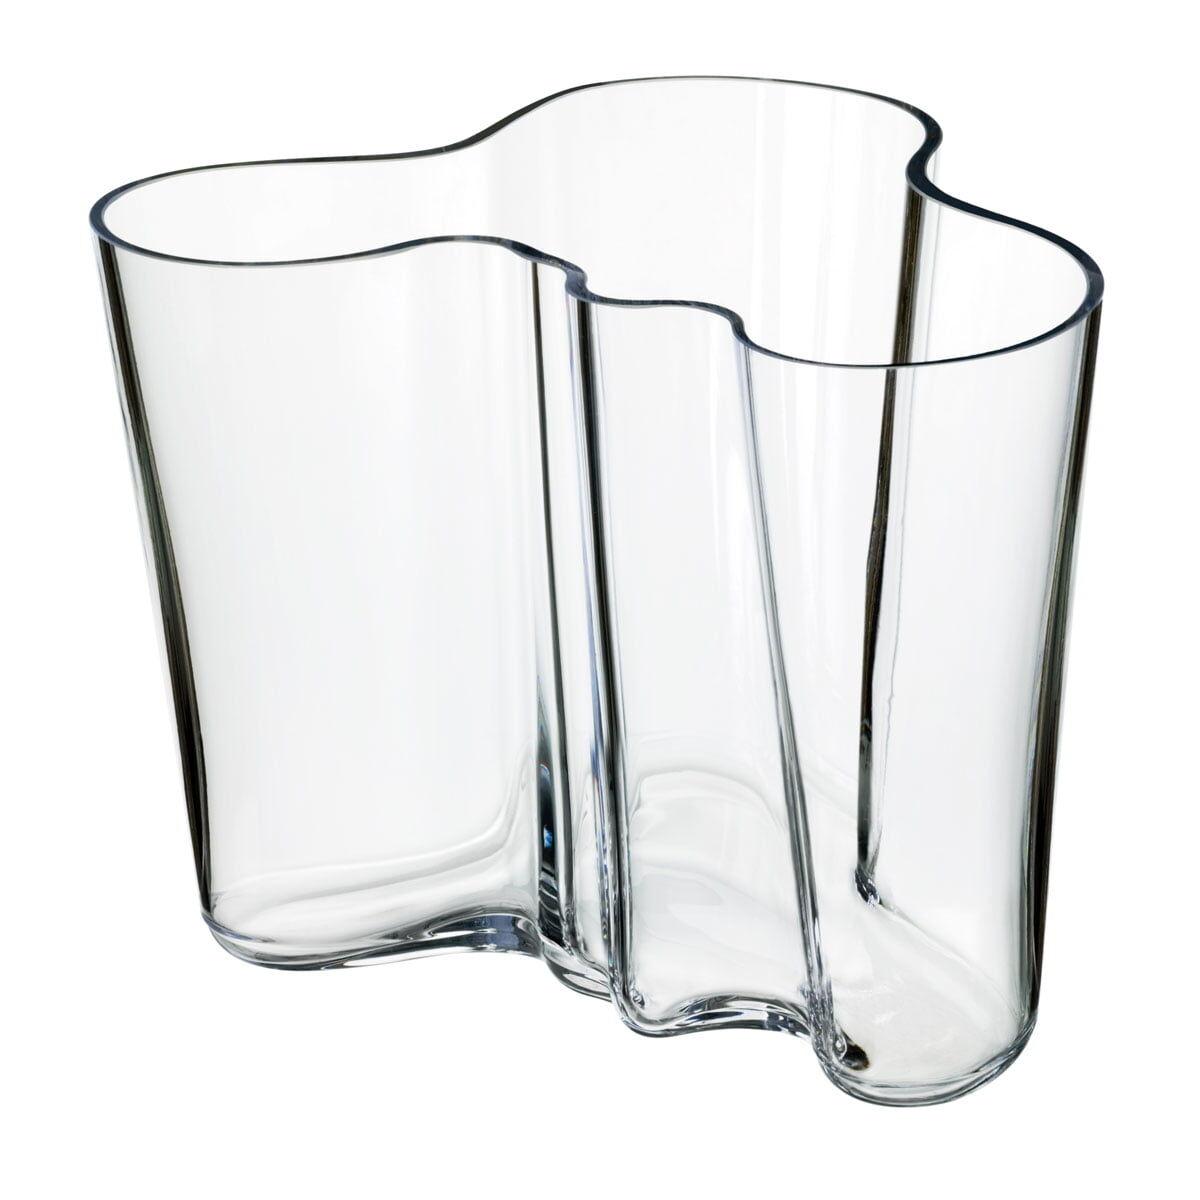 iittala - Aalto Vase Savoy 160 mm, clear